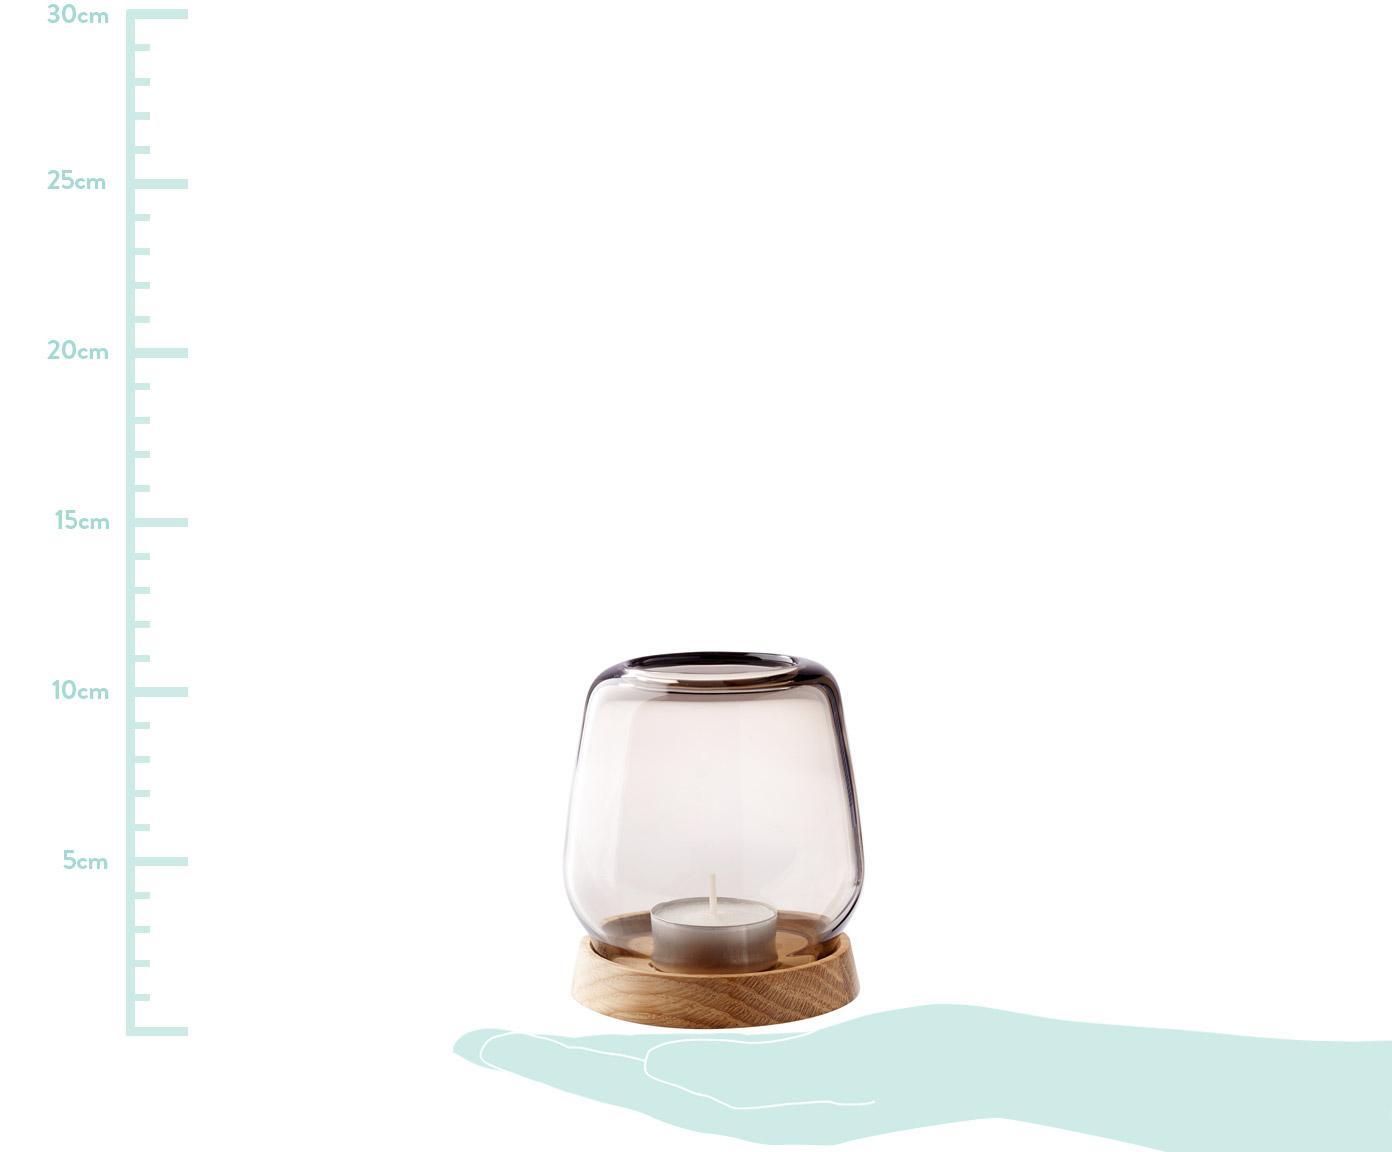 Windlicht Hurricane, Fuß: Eichenholz, Aufsatz: Glas, Fuß: Eichenholz<br>Aufsatz: Rosé, transparent, Ø 9 x H 10 cm